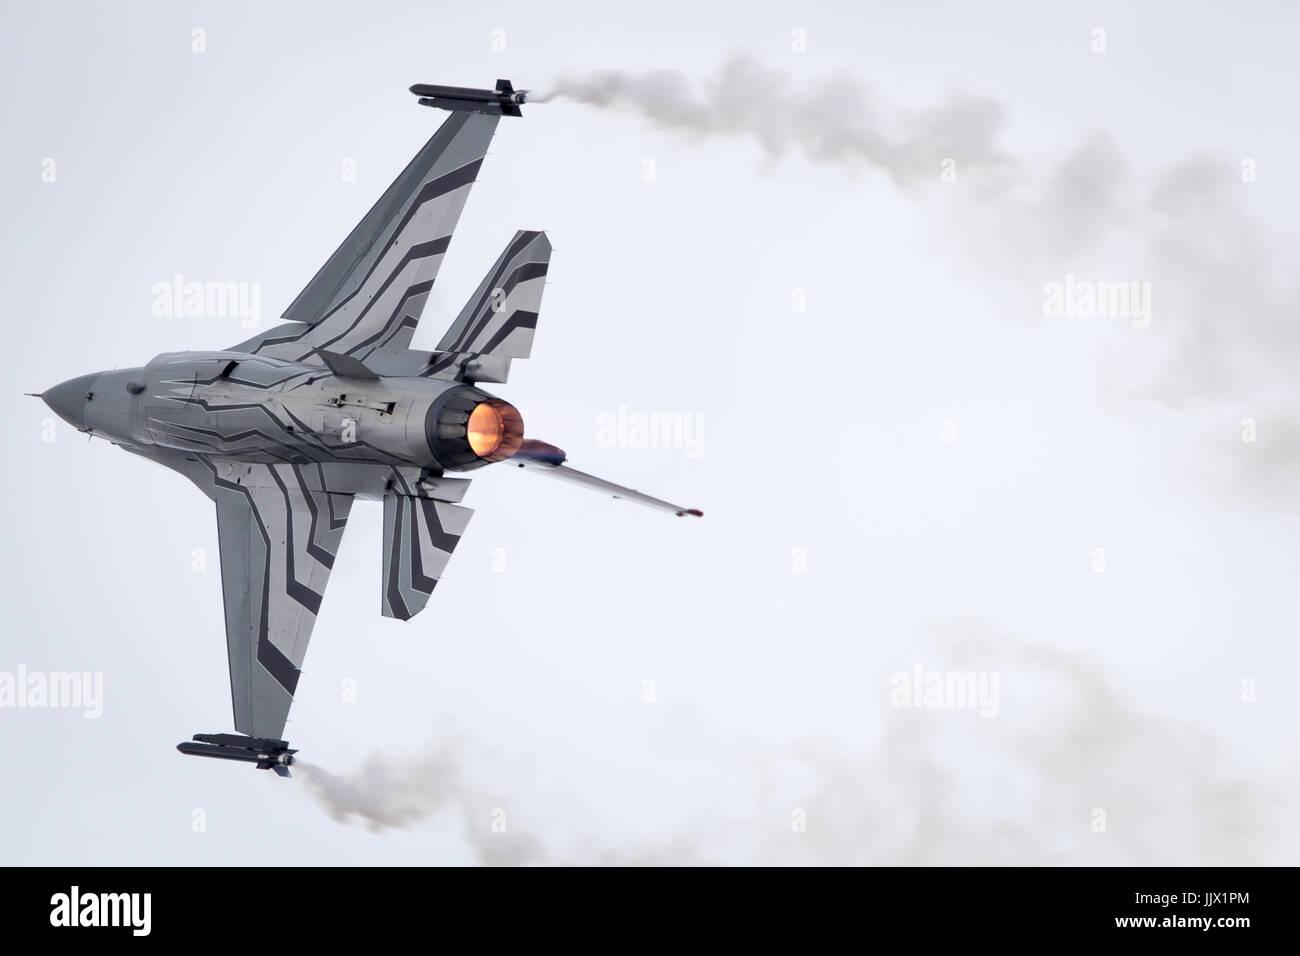 Belga di Air Force Lockheed Martin General Dynamics F-16 Fighting Falcon eseguendo il suo display acrobatico a Fairford Immagini Stock